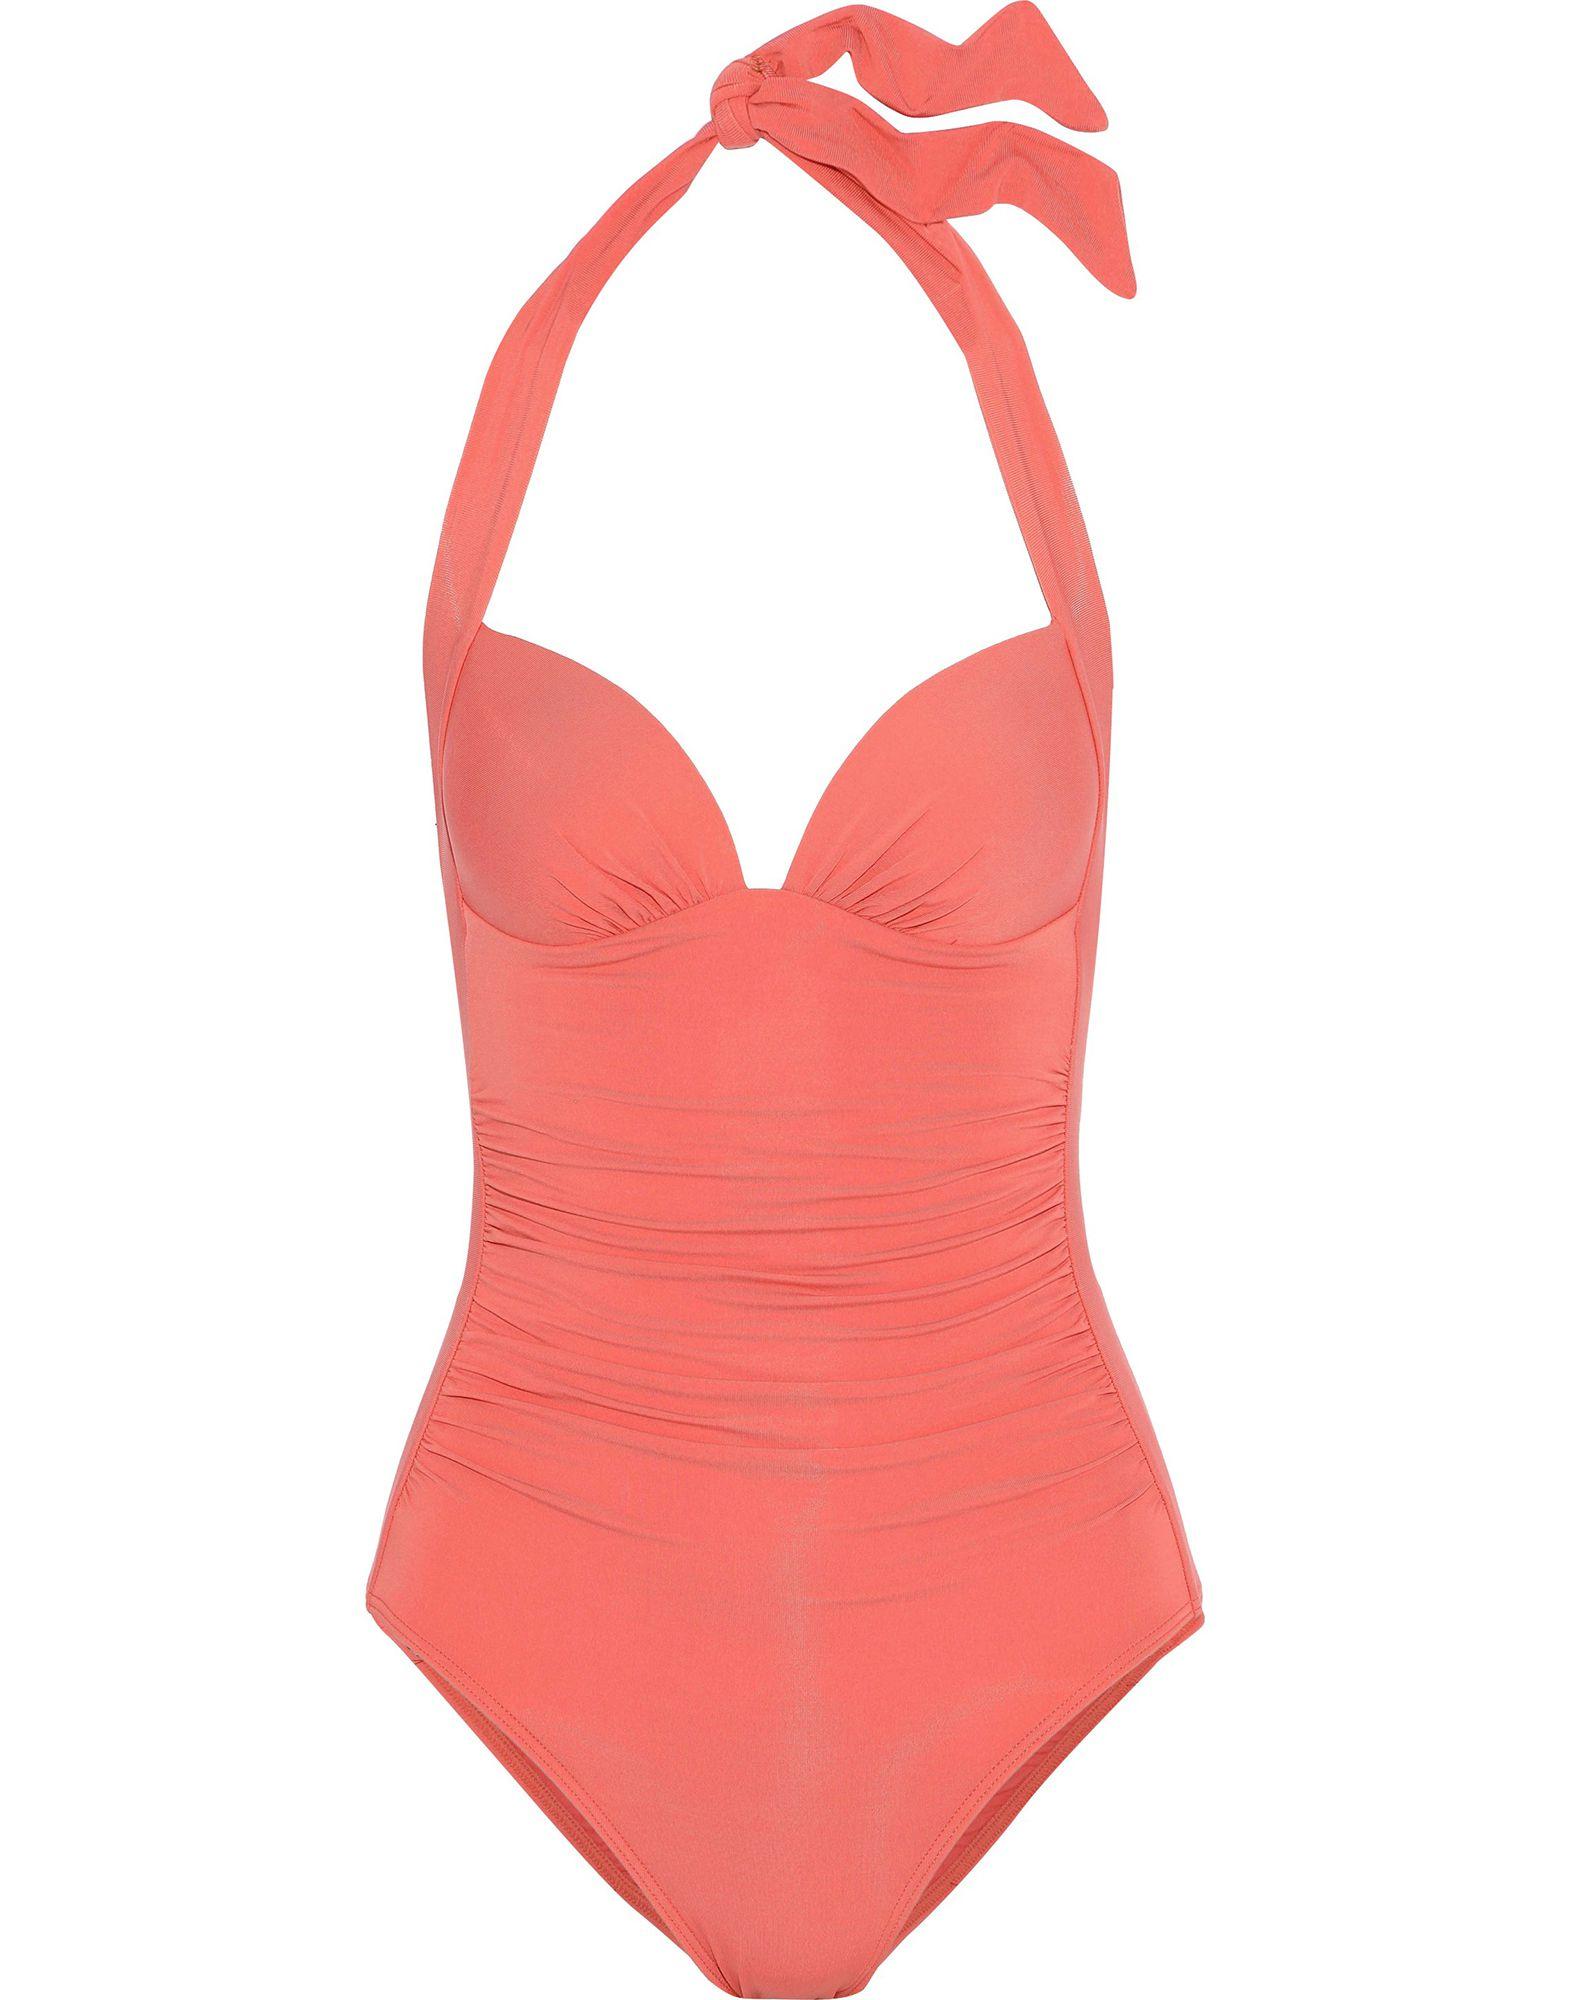 JETS AUSTRALIA by JESSIKA ALLEN One-piece swimsuits - Item 47267614